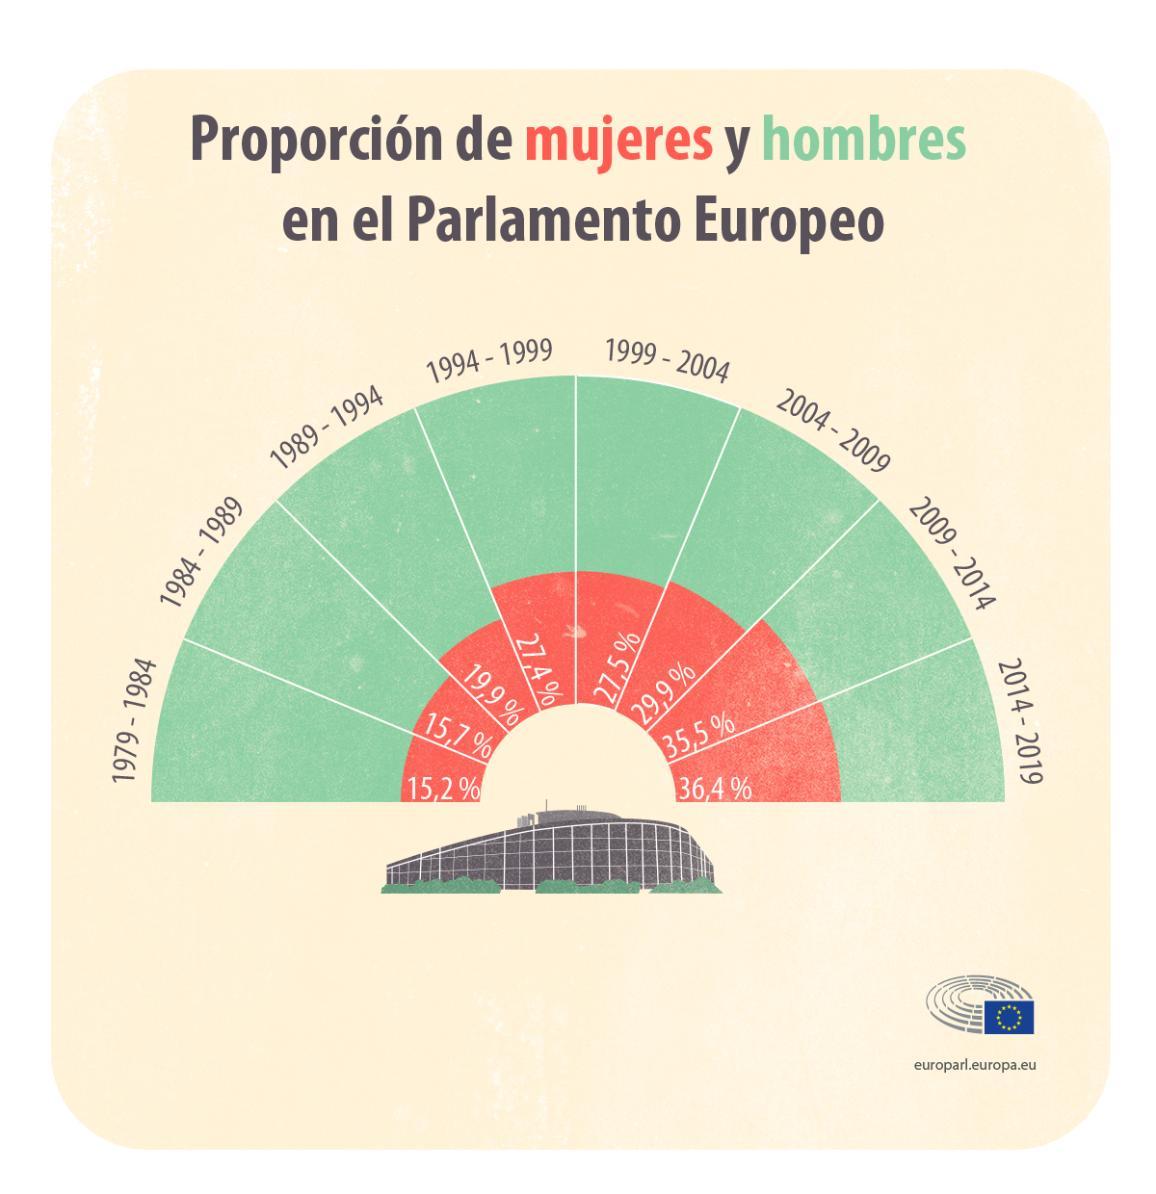 Infografía: Proporción de mujeres y hombres en el Parlamento Europeo.